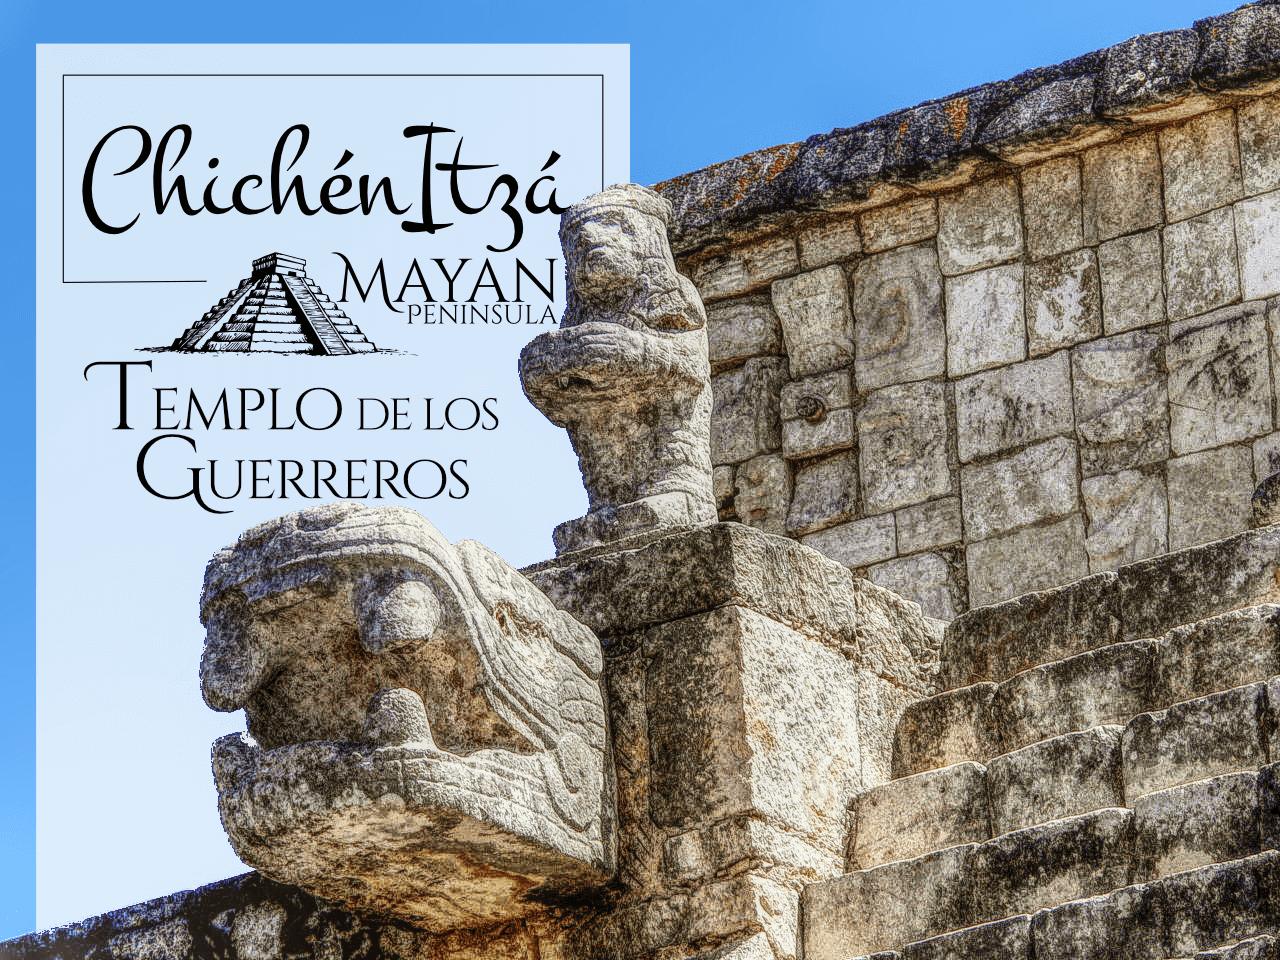 Serpiente en el Templo de los Guerreros en Chichén Itzá